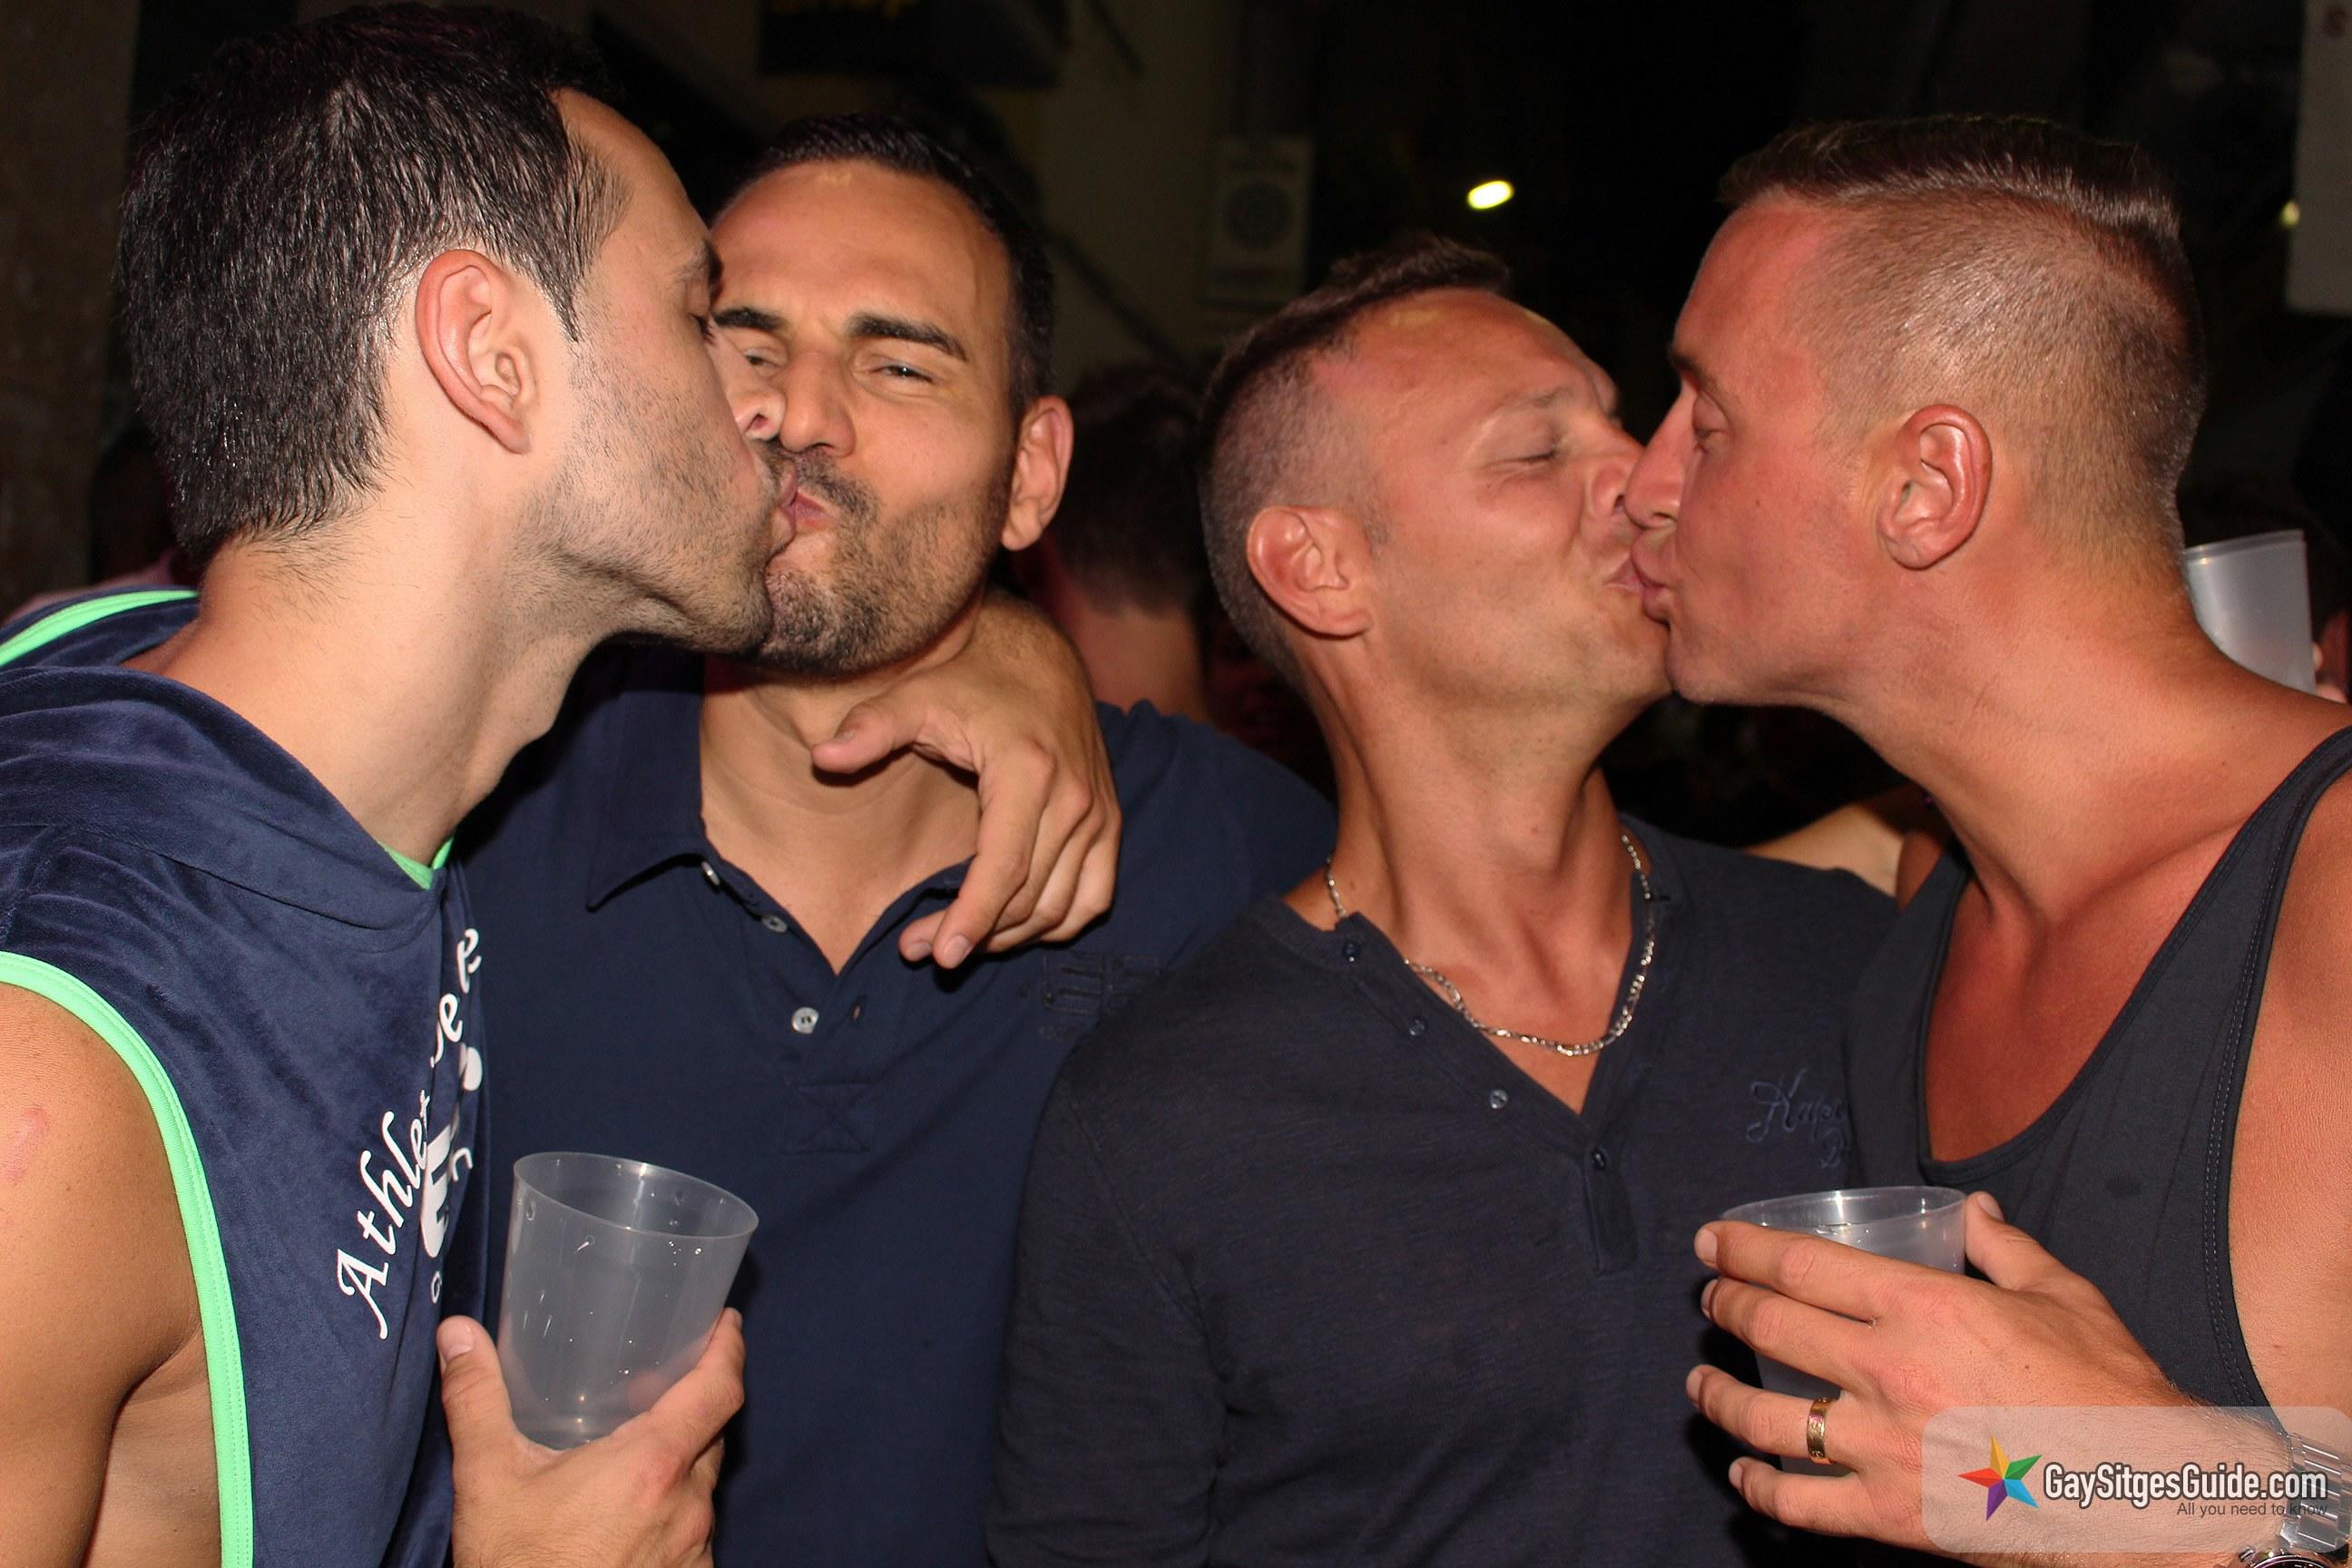 Gay Weekends 92